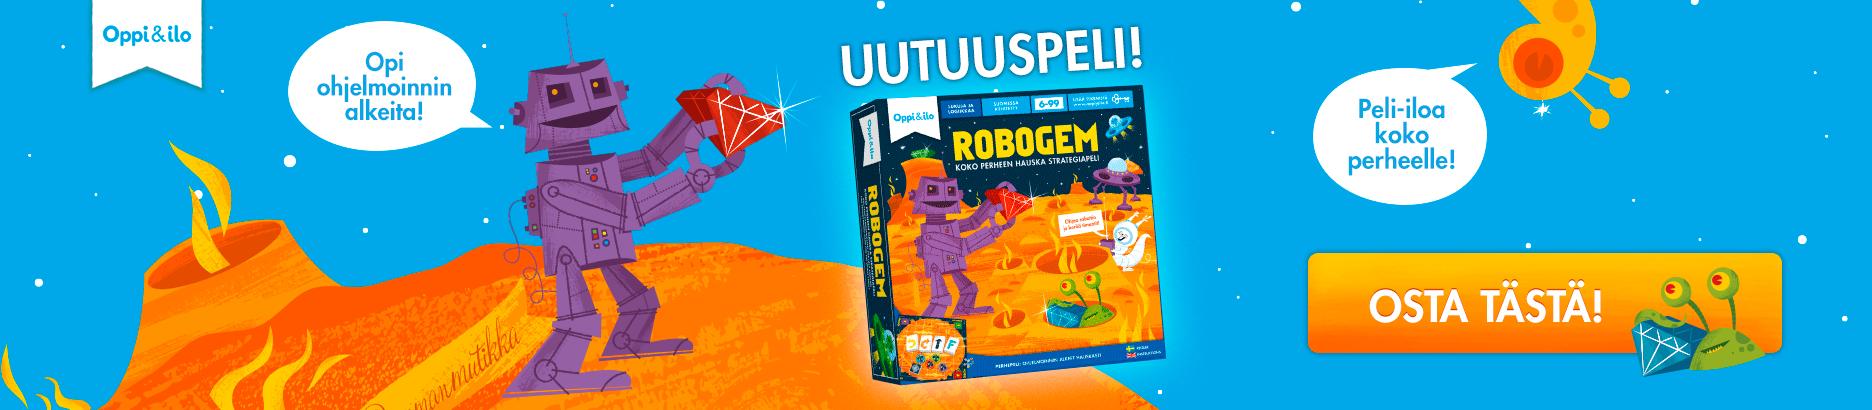 Tutustu ja osta Robogem-ohjelmointilautapeli!